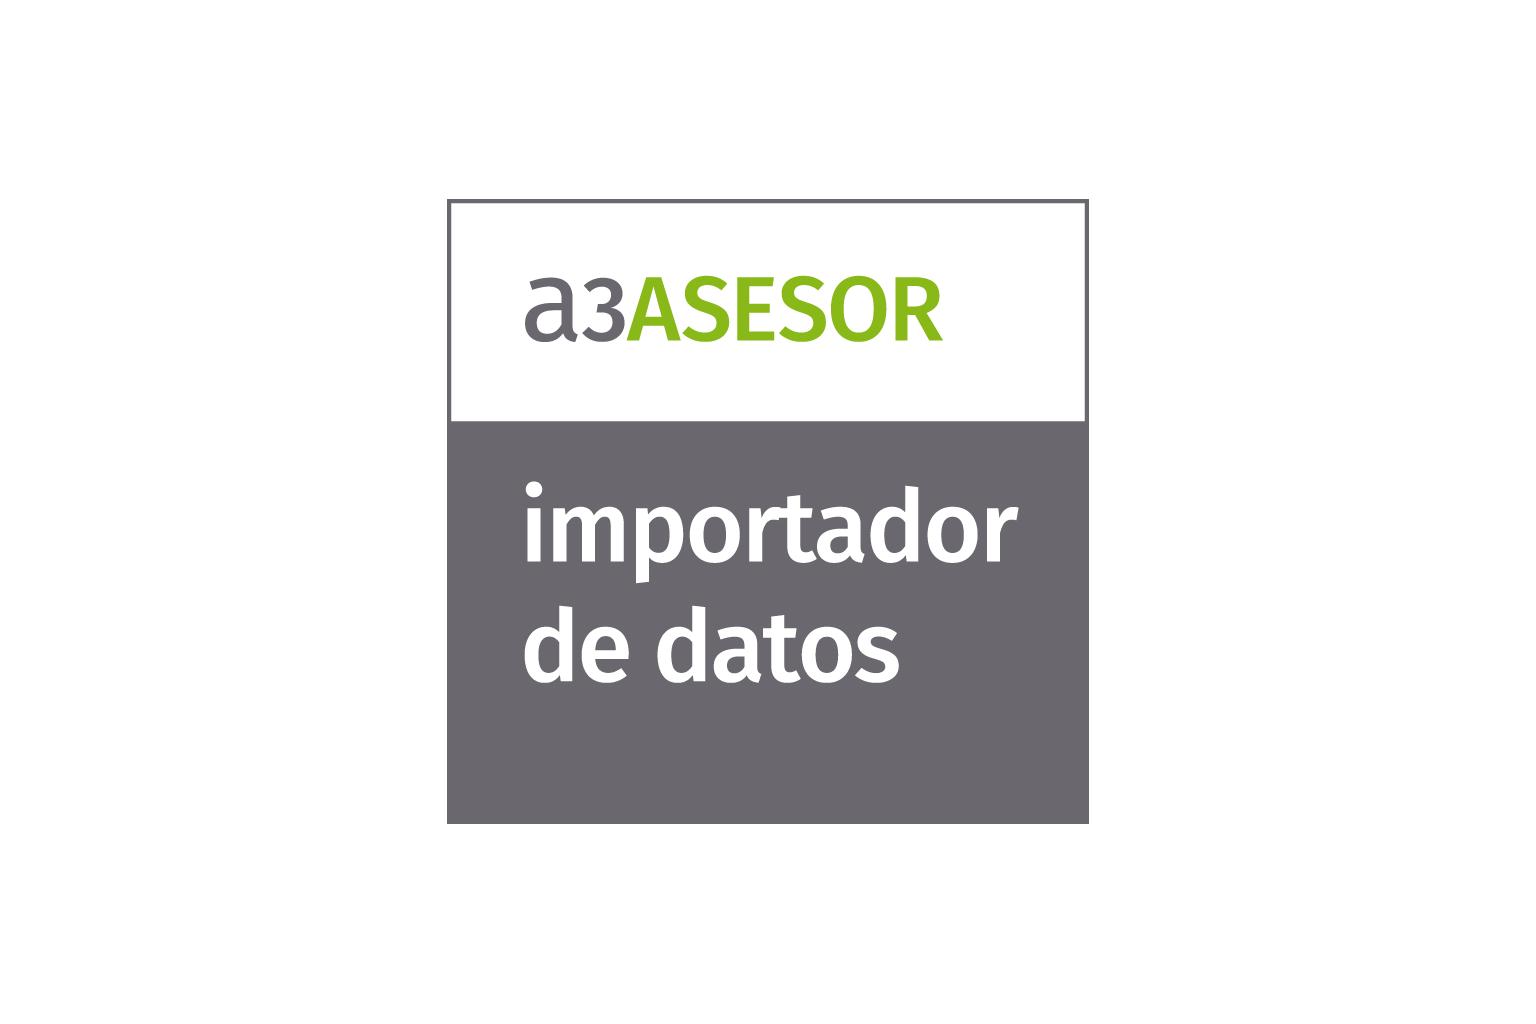 a3ASESOR-importador-de-datos